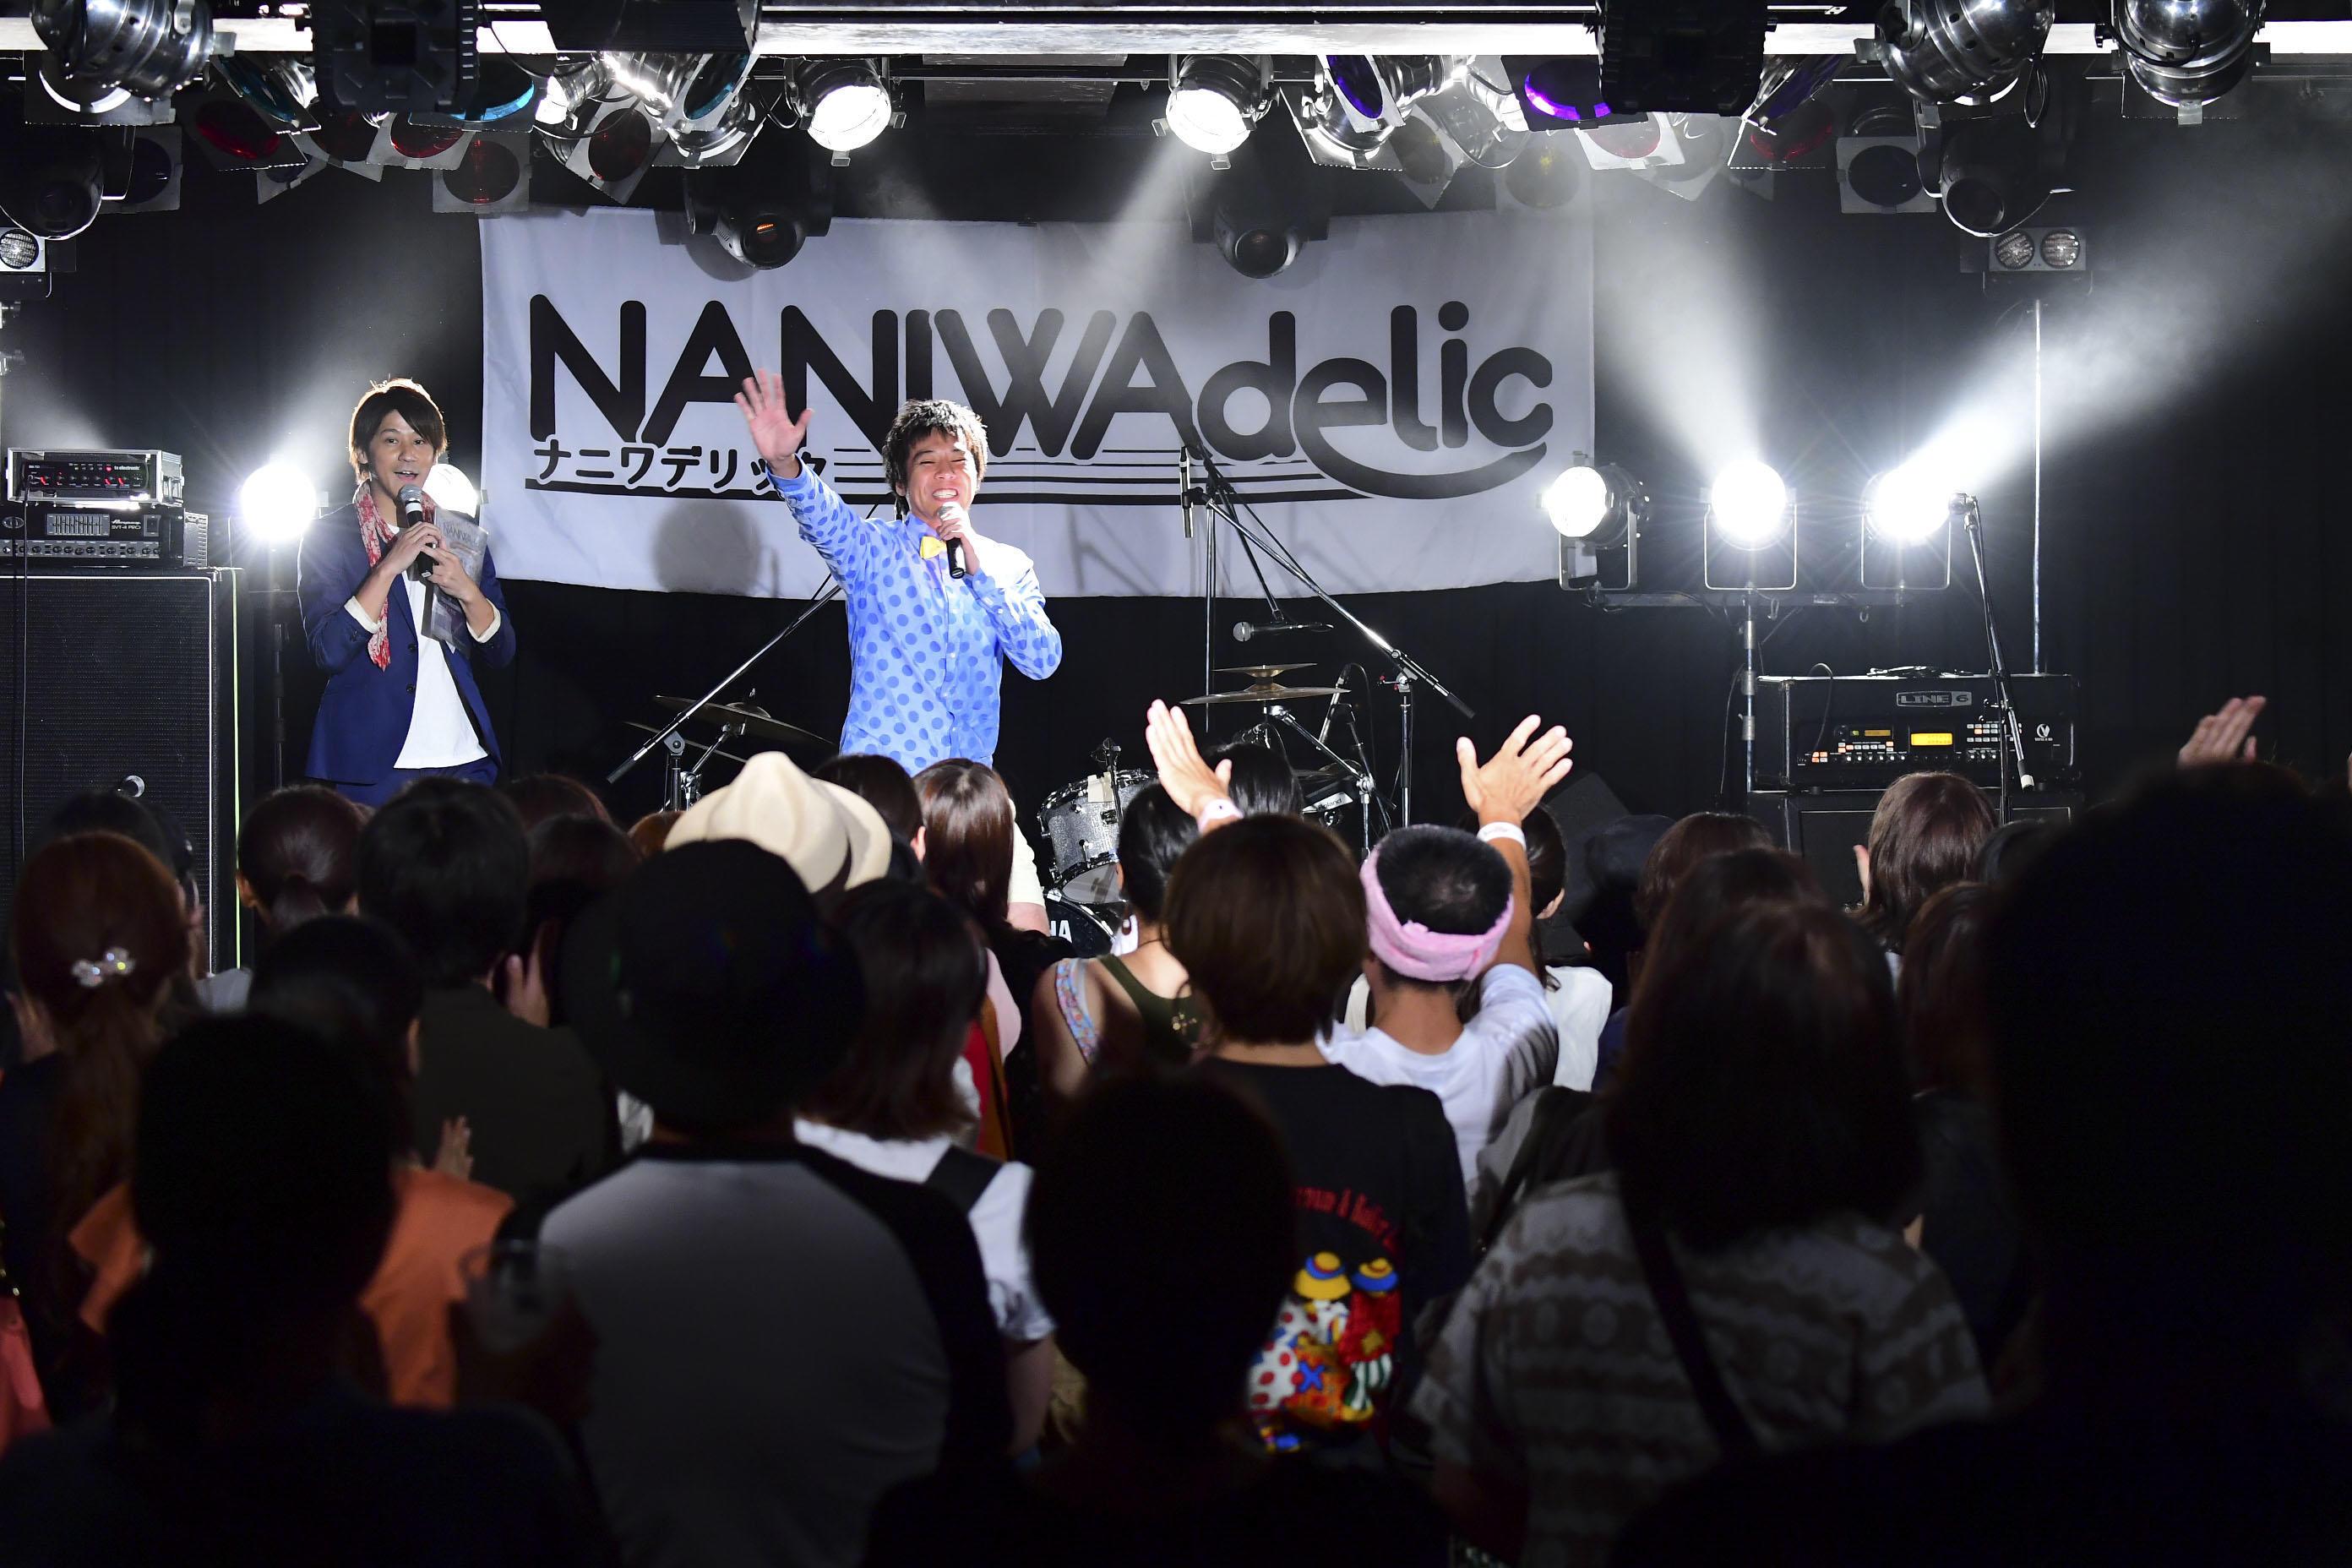 http://news.yoshimoto.co.jp/20170802093249-62f3fd00b4d1b8f6c489b24c26706d2ad2406d67.jpg